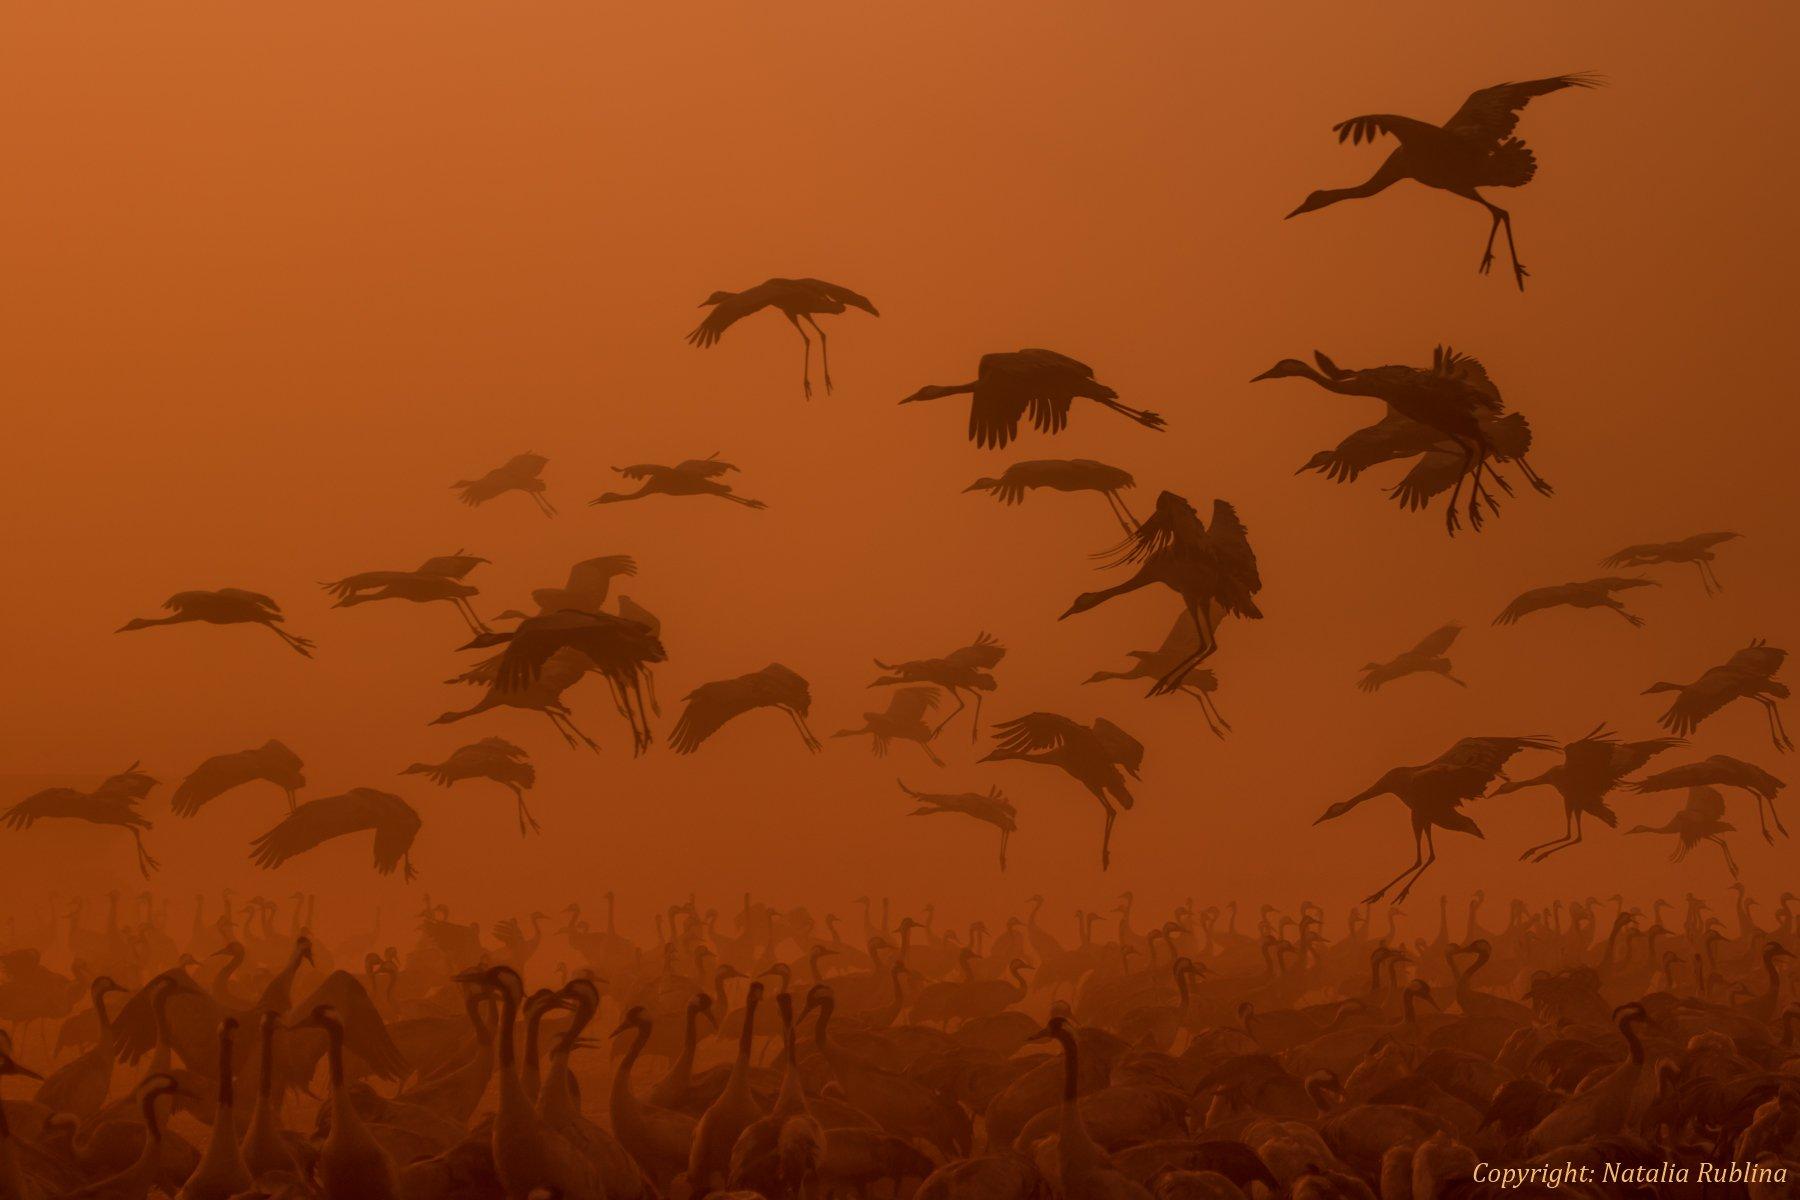 армия, восход, восход солнца, декабрь, животные, журавли, заповедник, золотой рассвет, настроение, осень, пожар, полёт, природа, птицы, рассвет, свет, стая, утро, Наталья Рублина